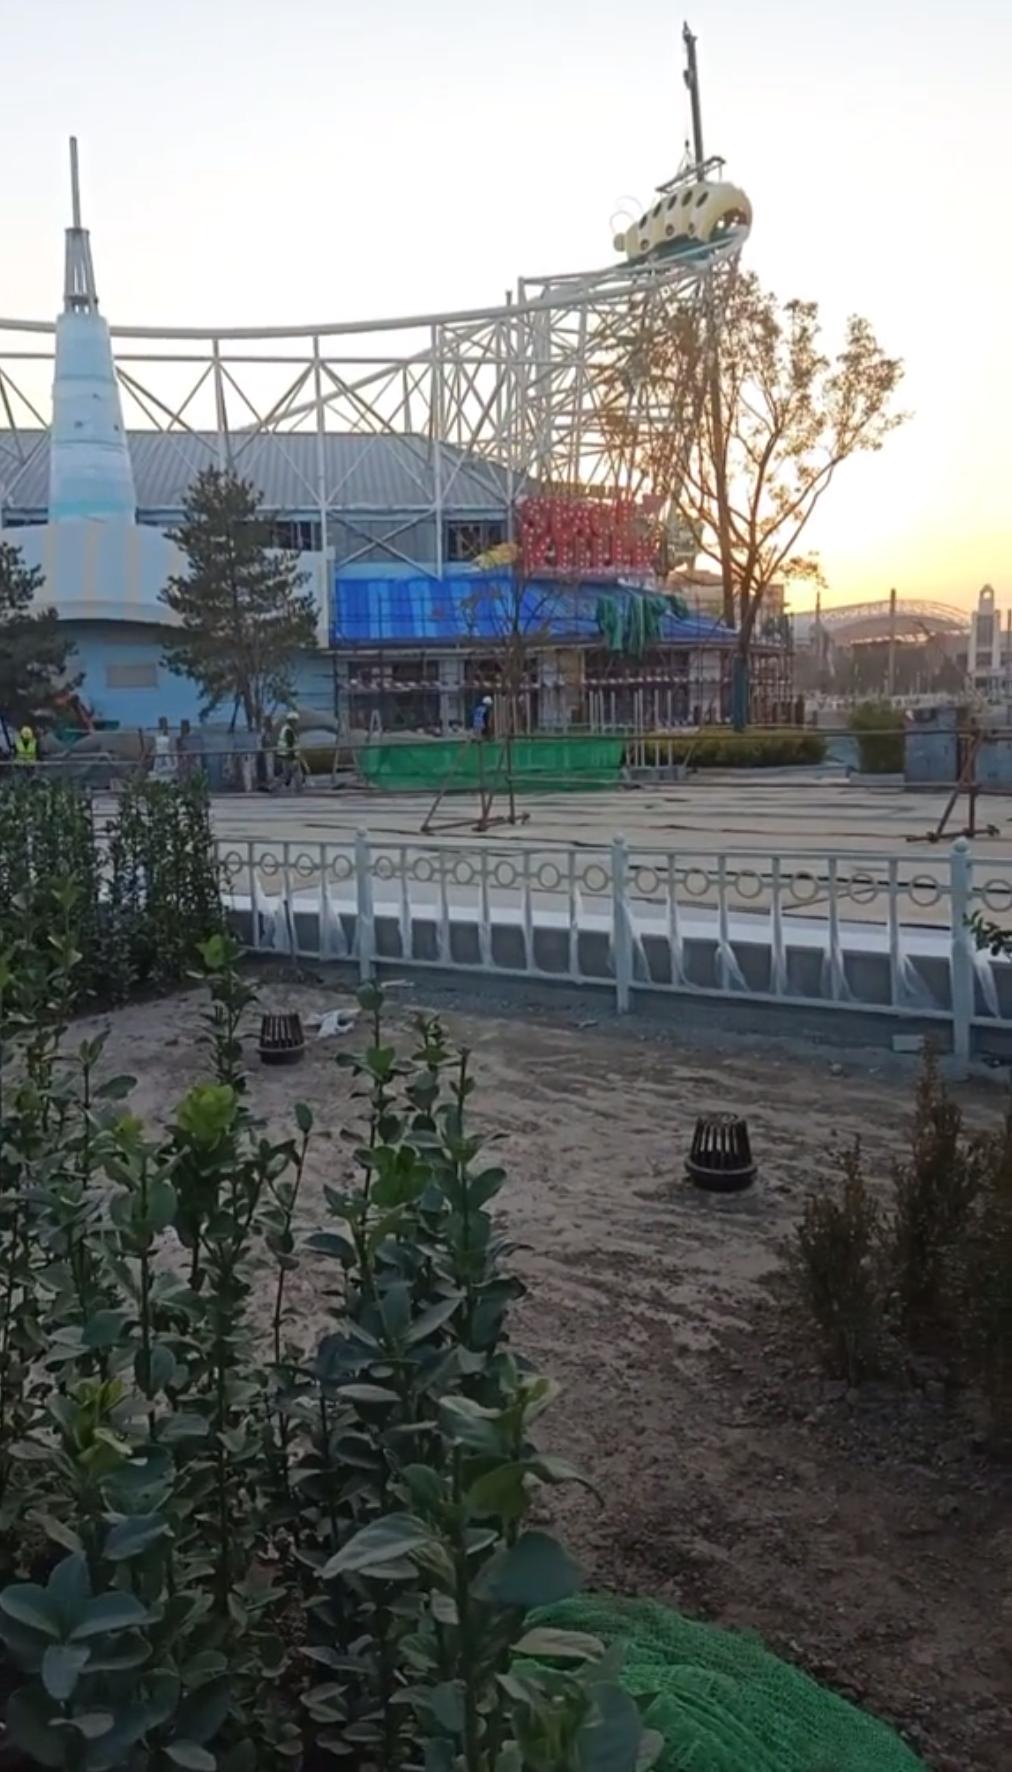 universal-studios-beijing-18613000.png